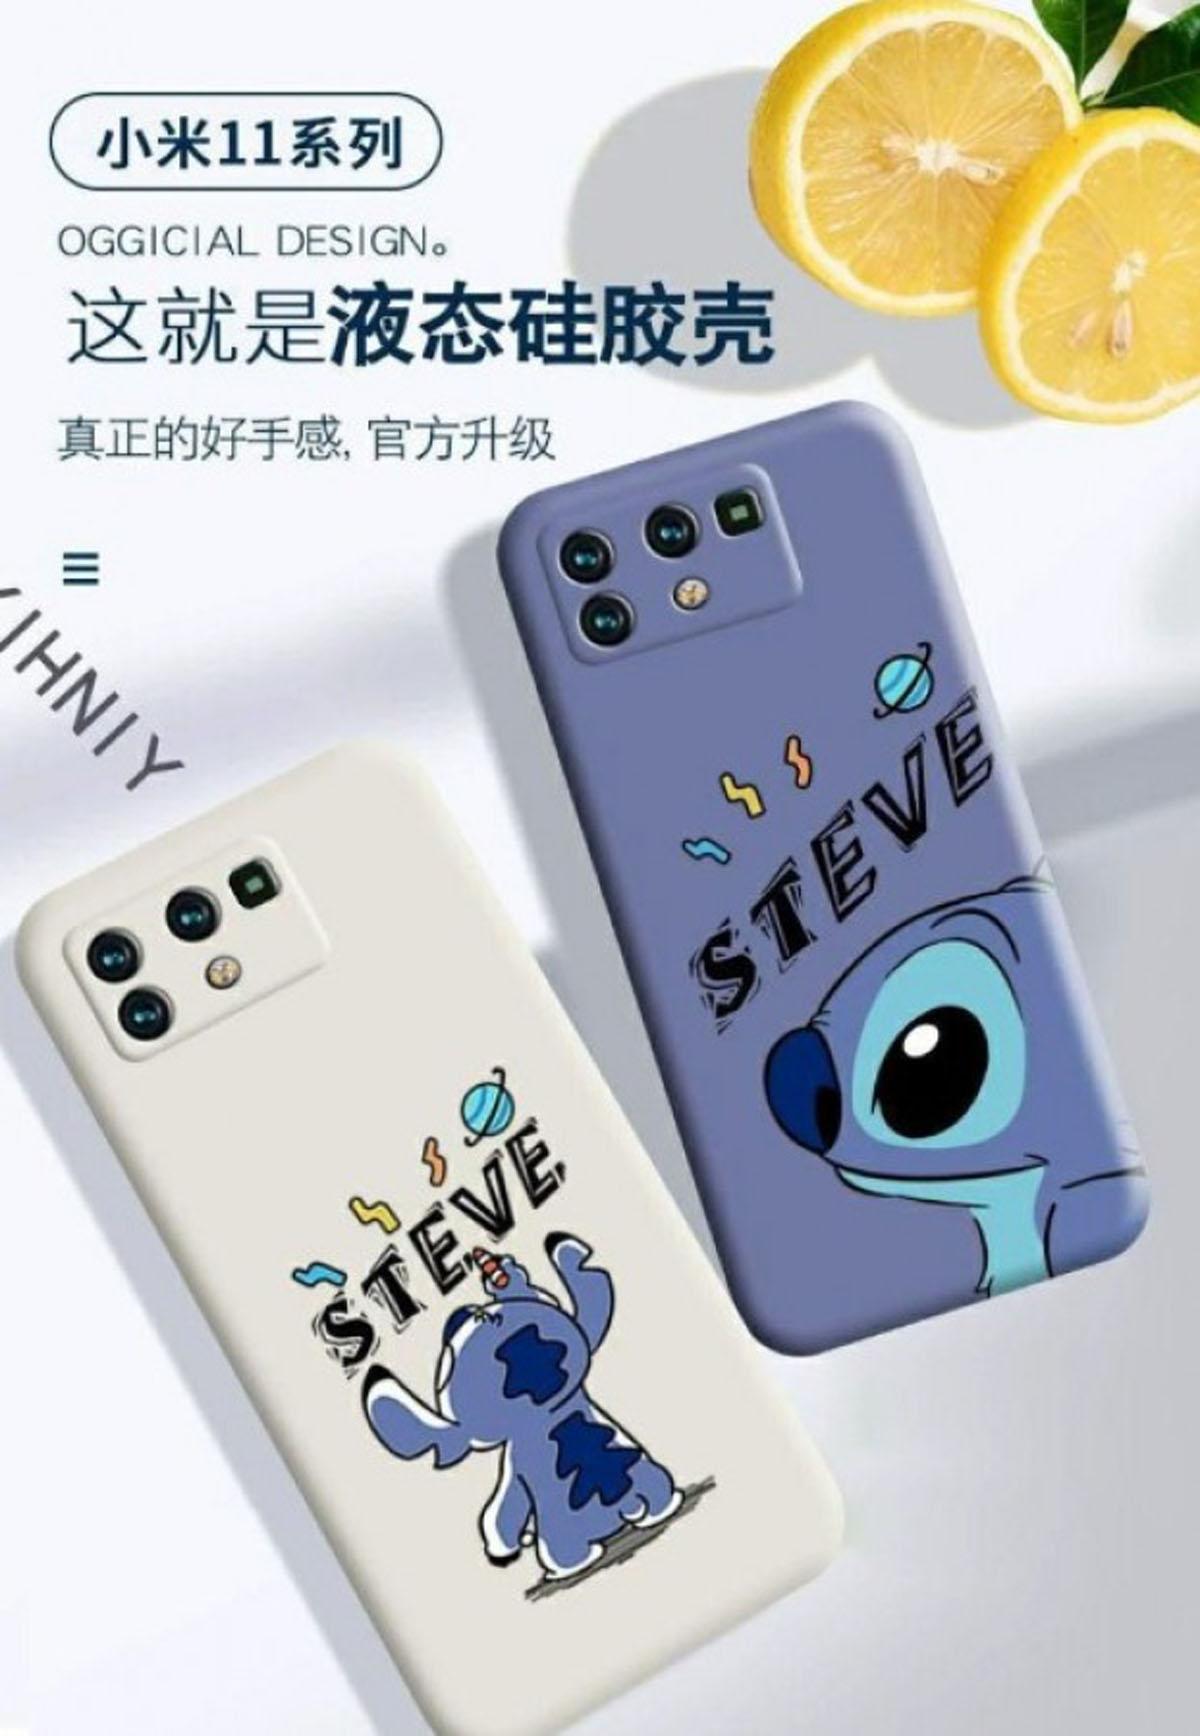 Xiaomi Mi 11 visto en la naturaleza